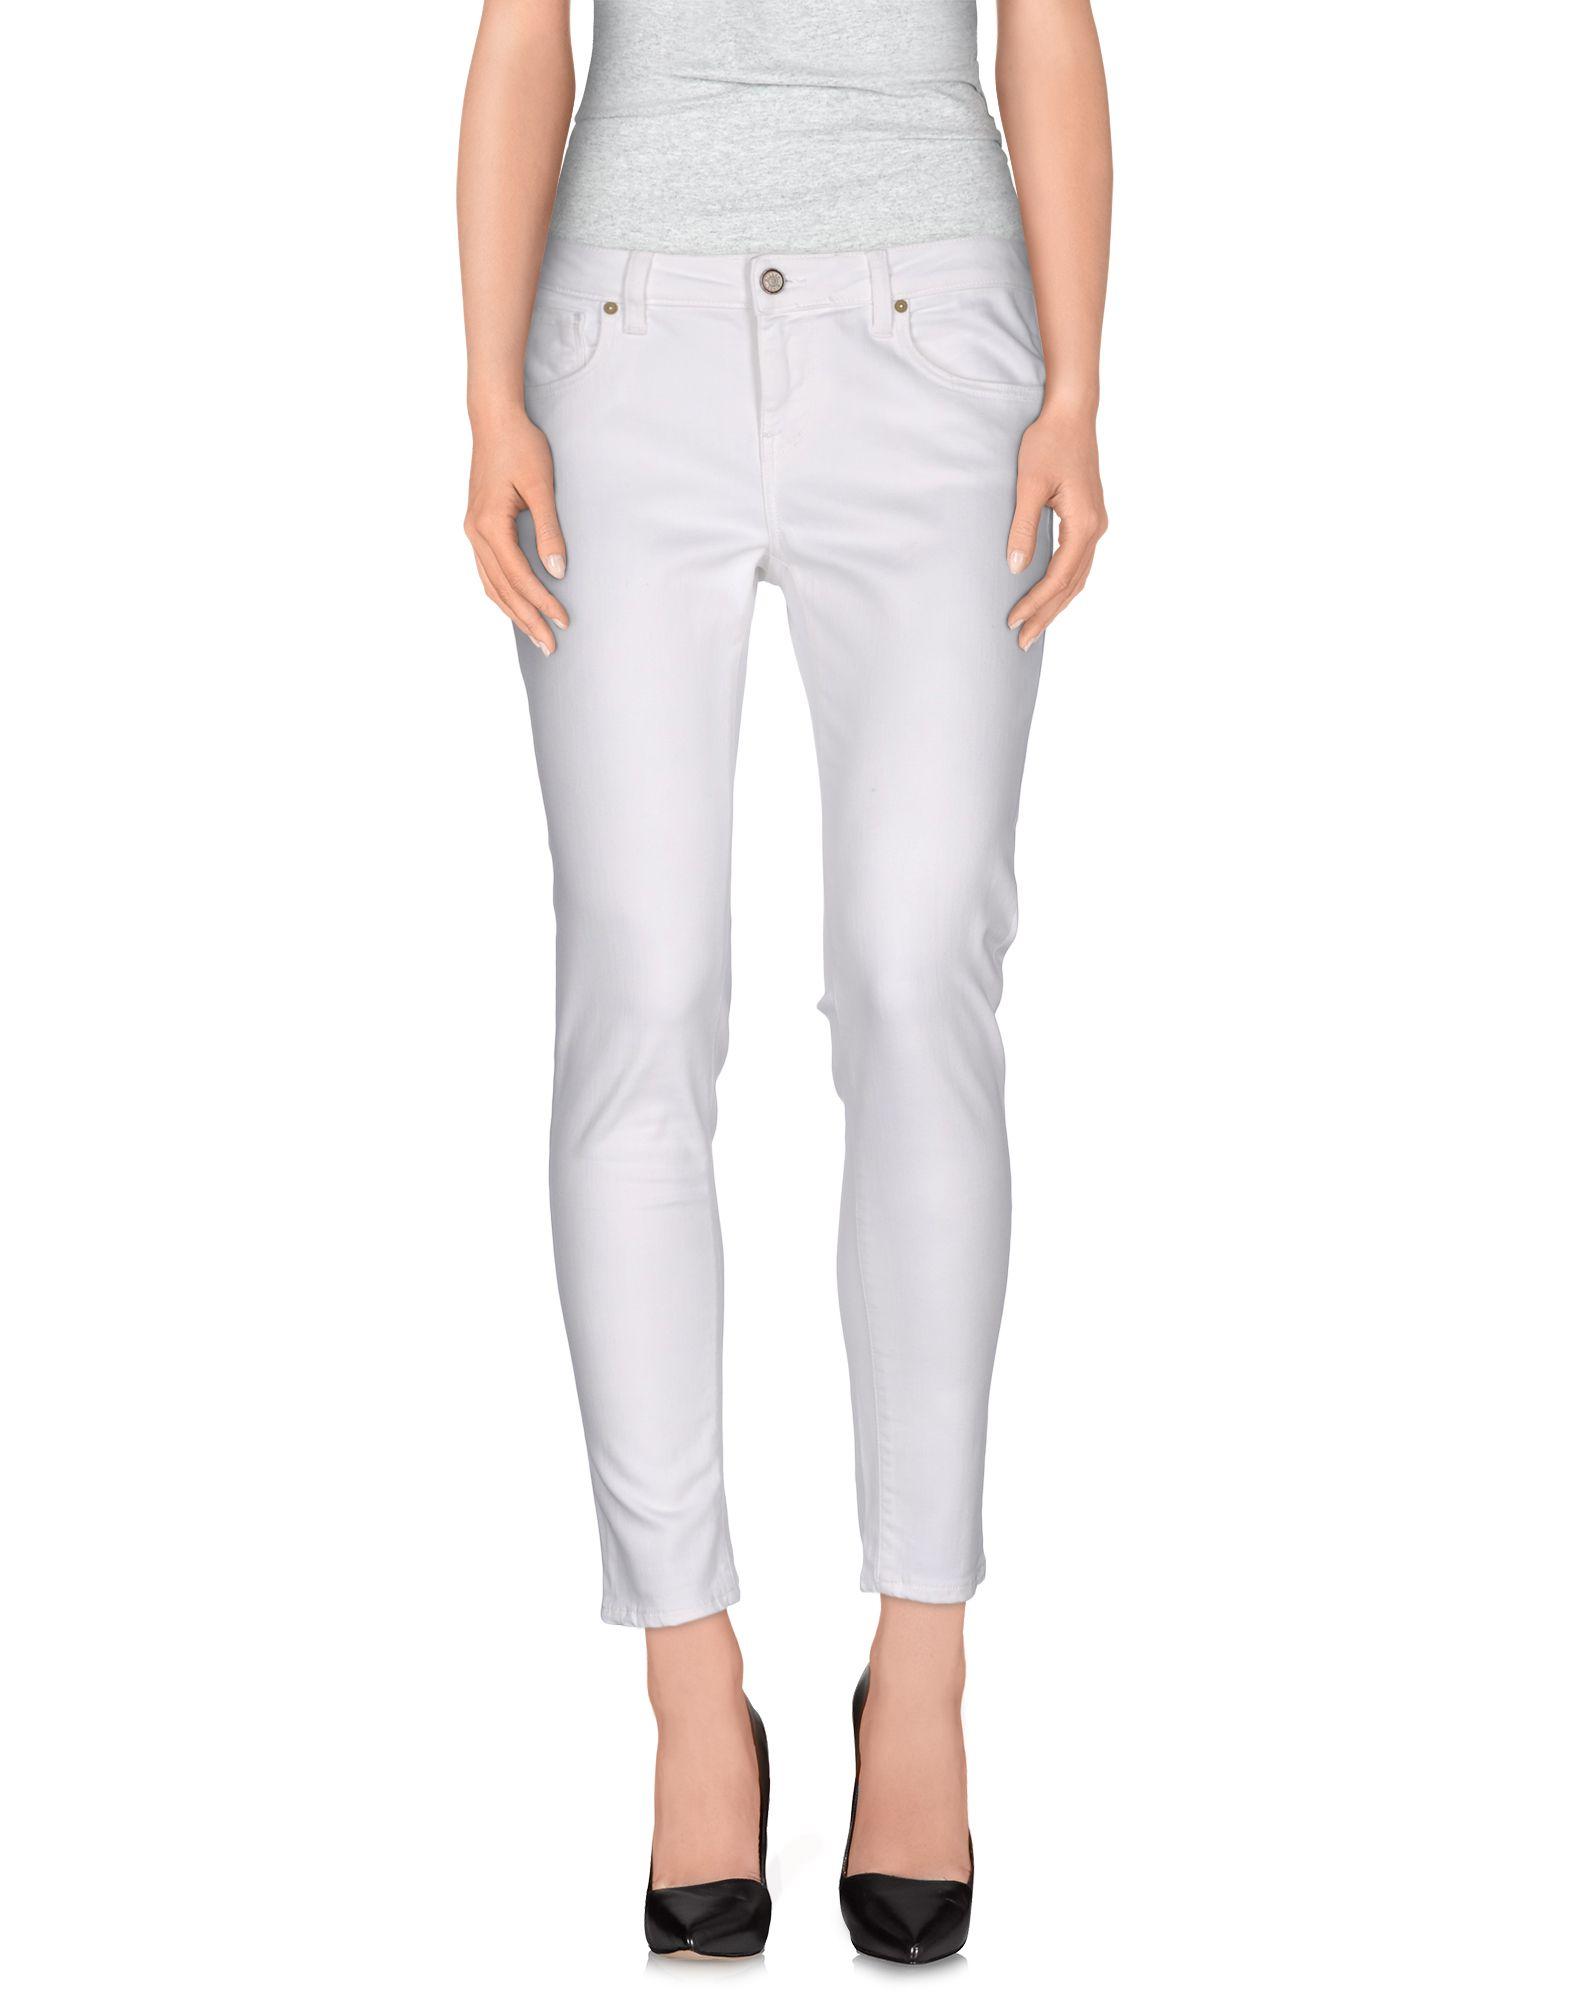 Pantaloni Jeans Blauer damen - 42464179EP